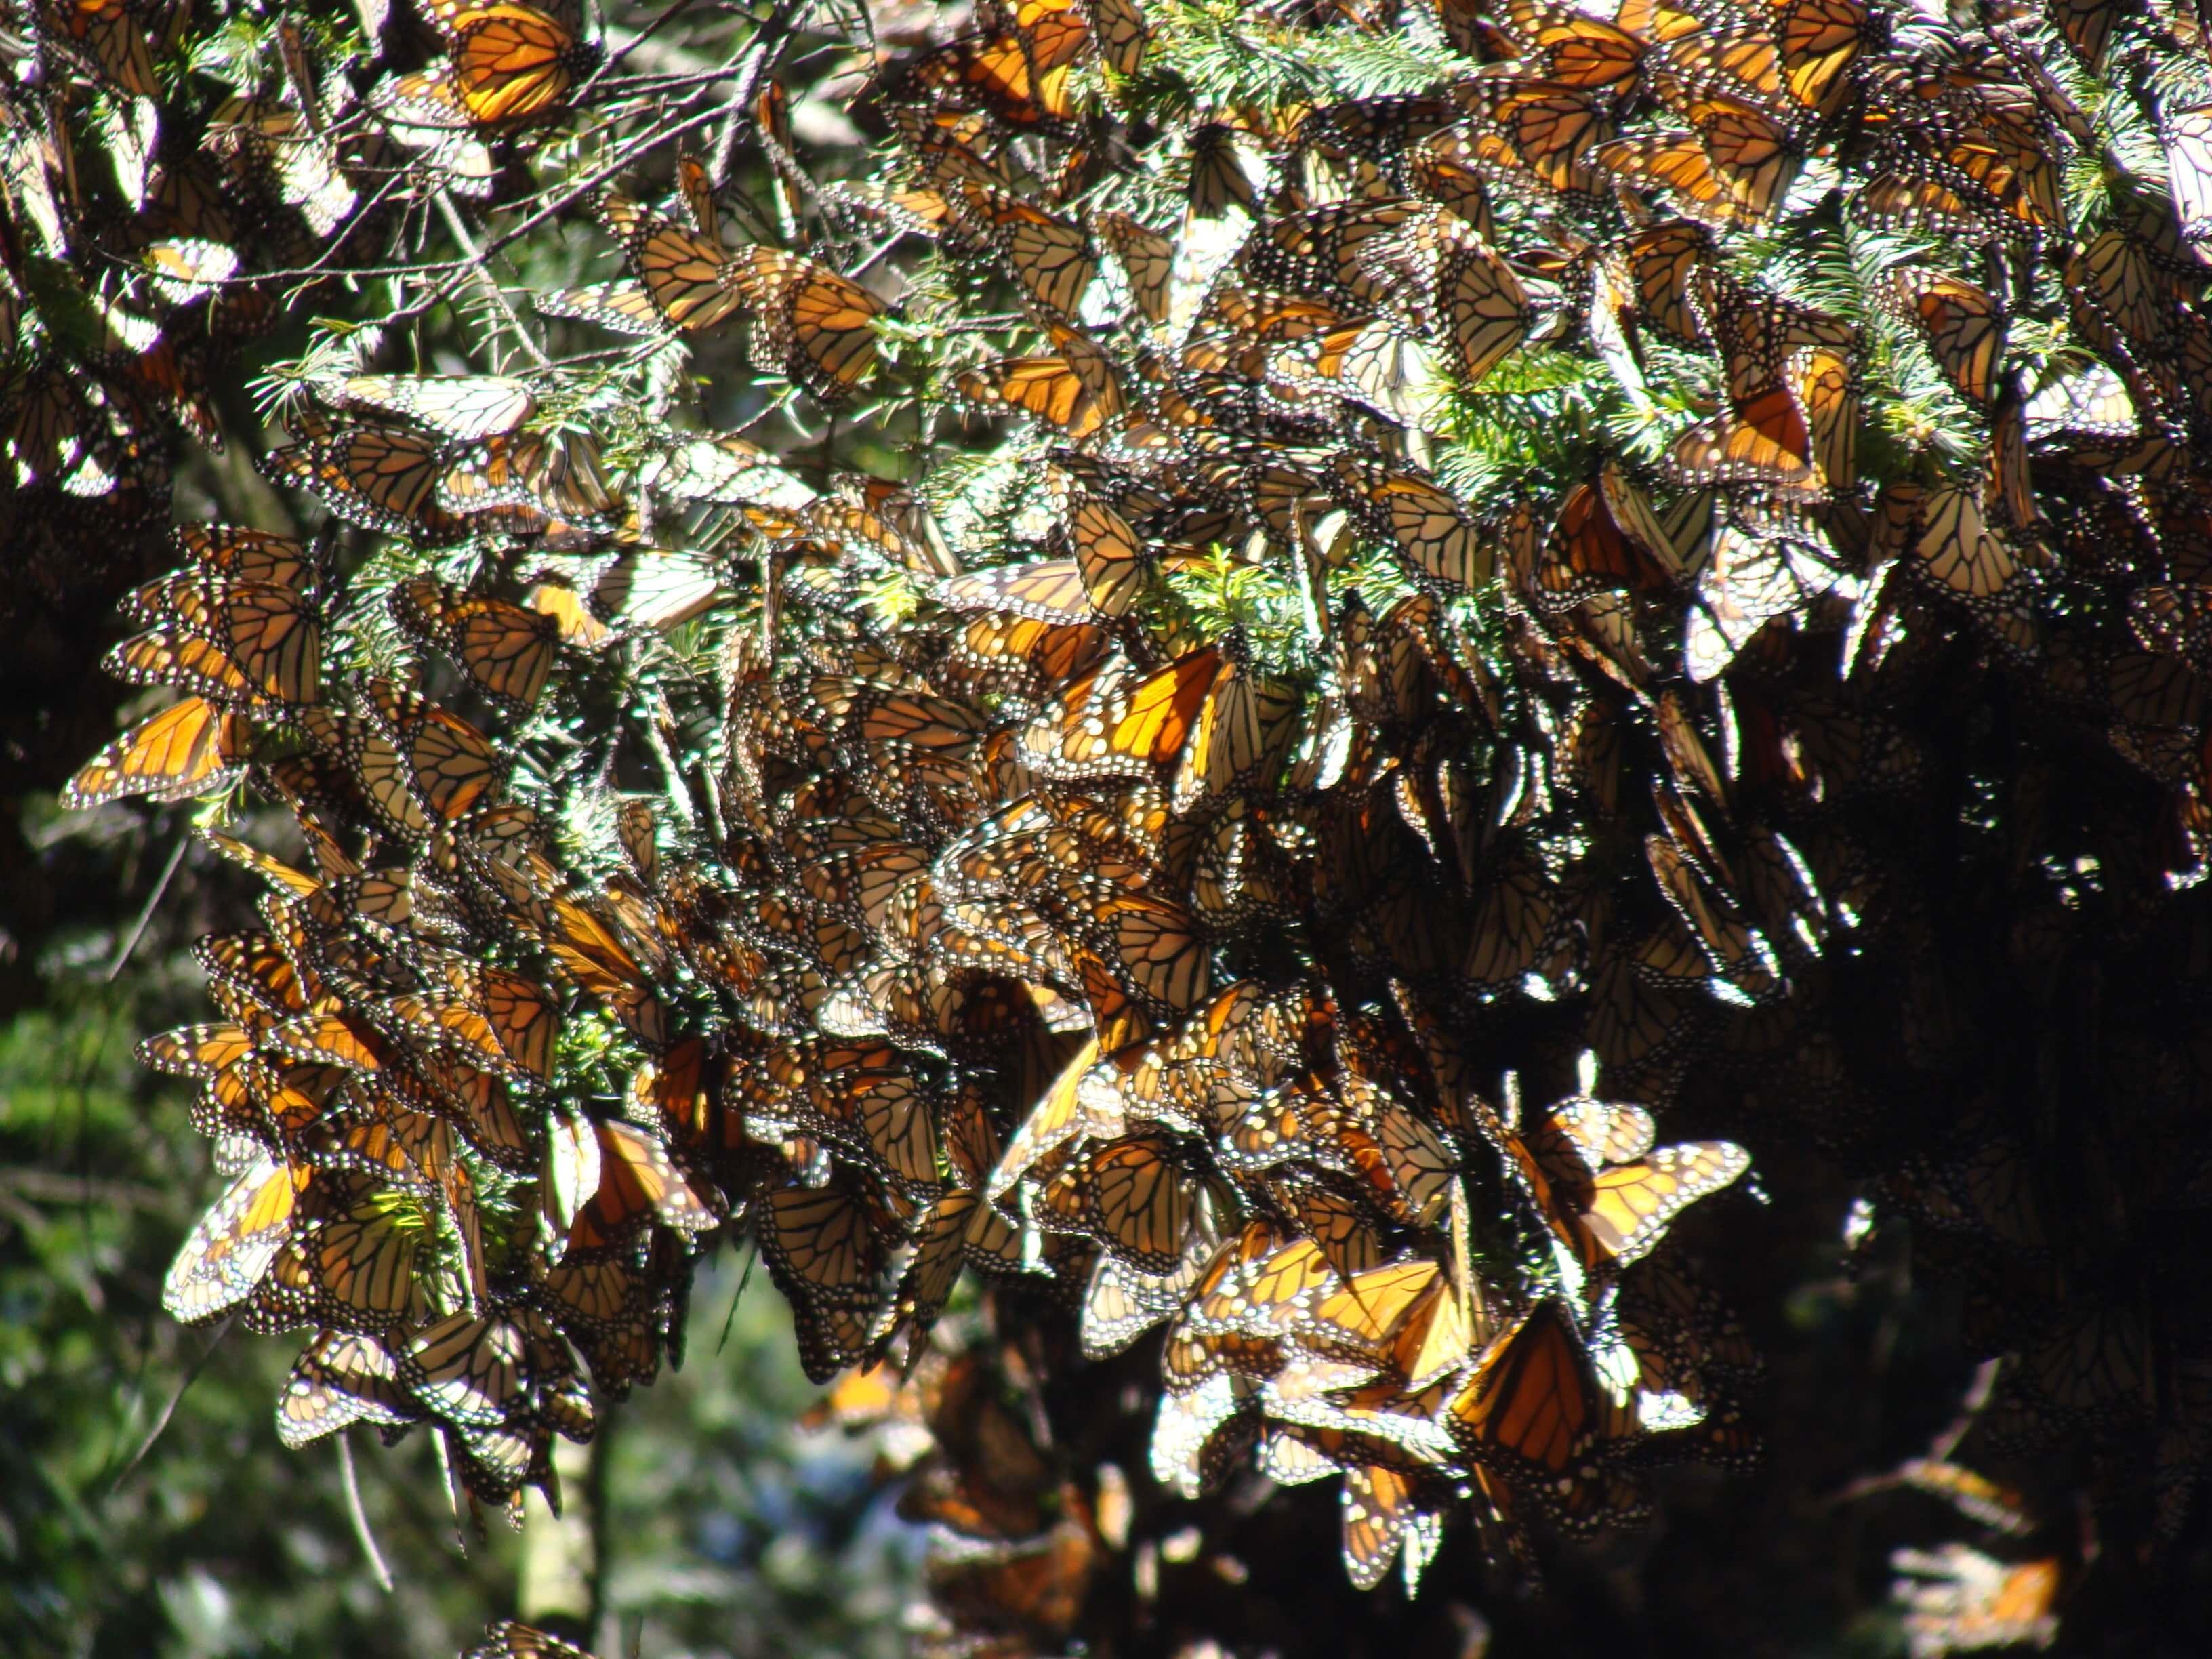 Fot. 8. Od listopada do lutego gałęzie drzew uginają się pod ciężarem motyli Mariposa Monarcha. Ocenia się, że w rezerwatach znajdować się może do 1 mld osobników.